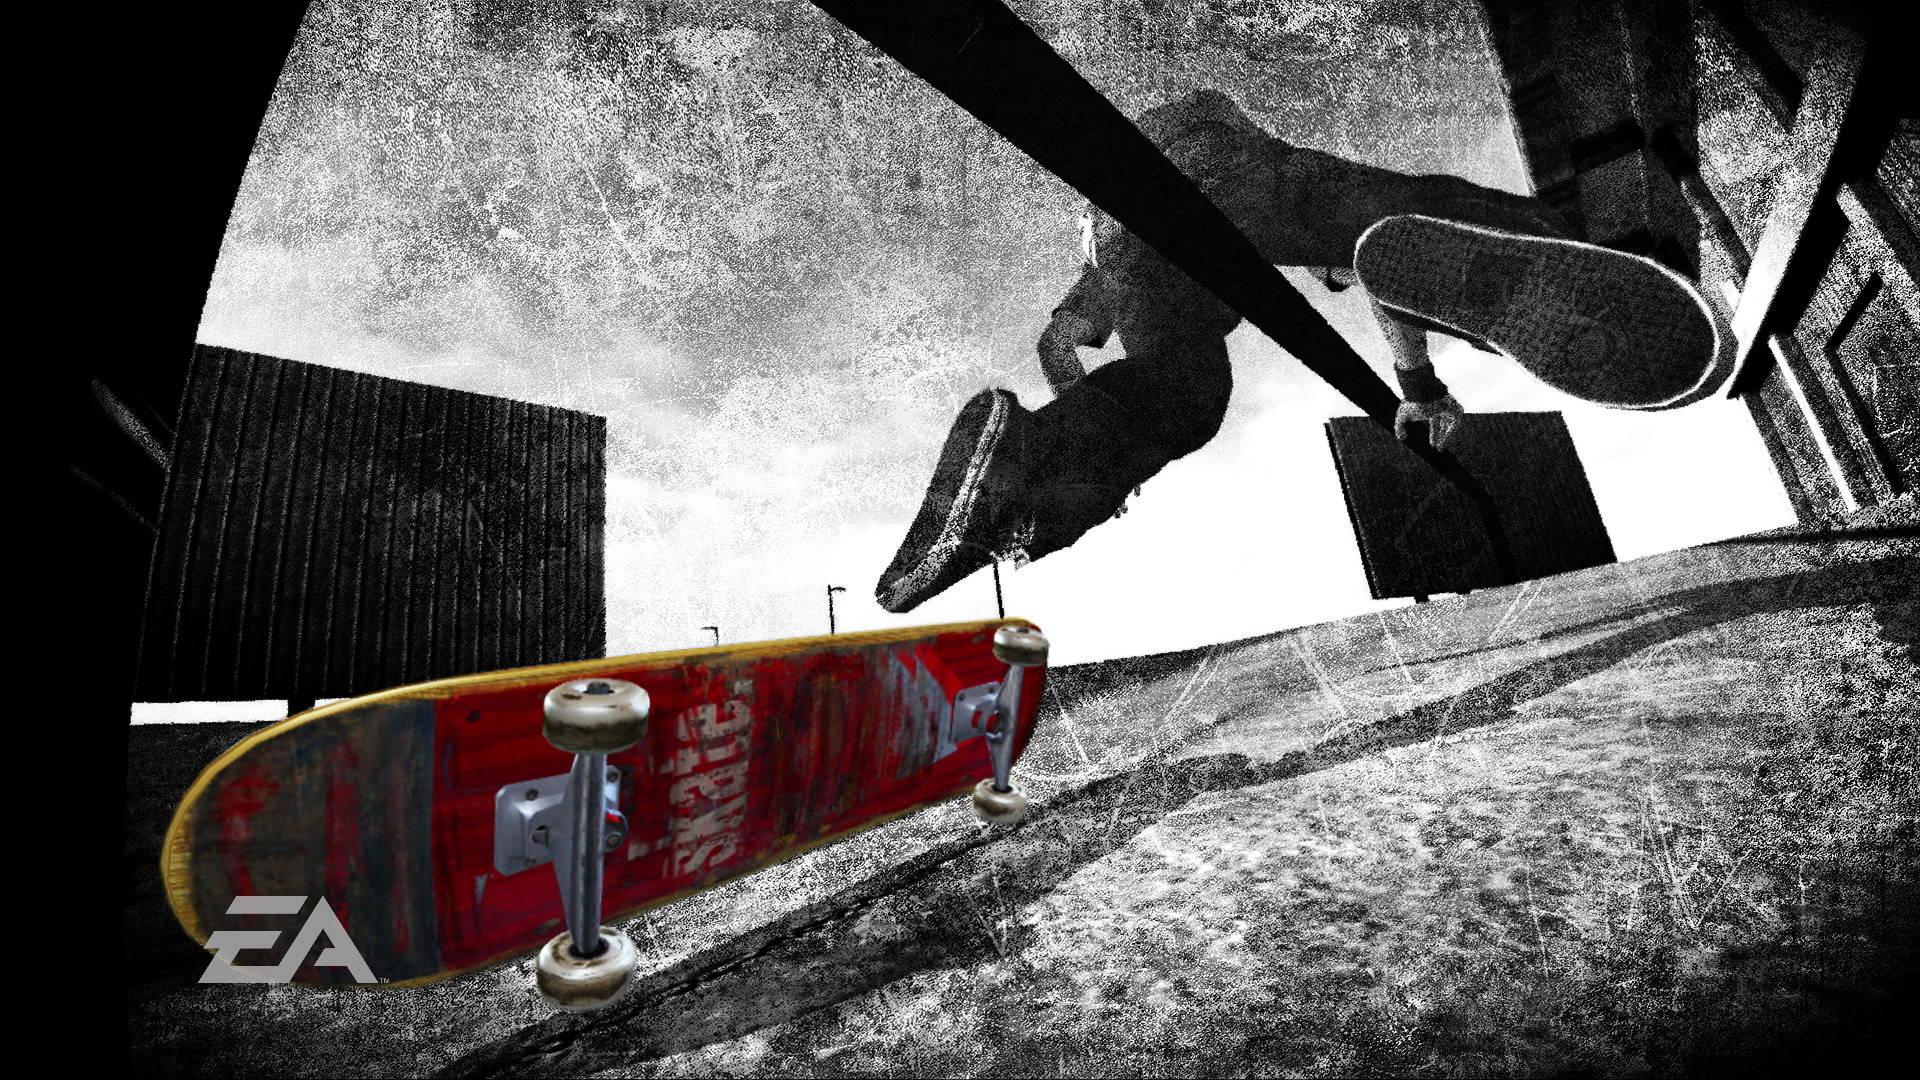 fonds d'écran skate : tous les wallpapers skate